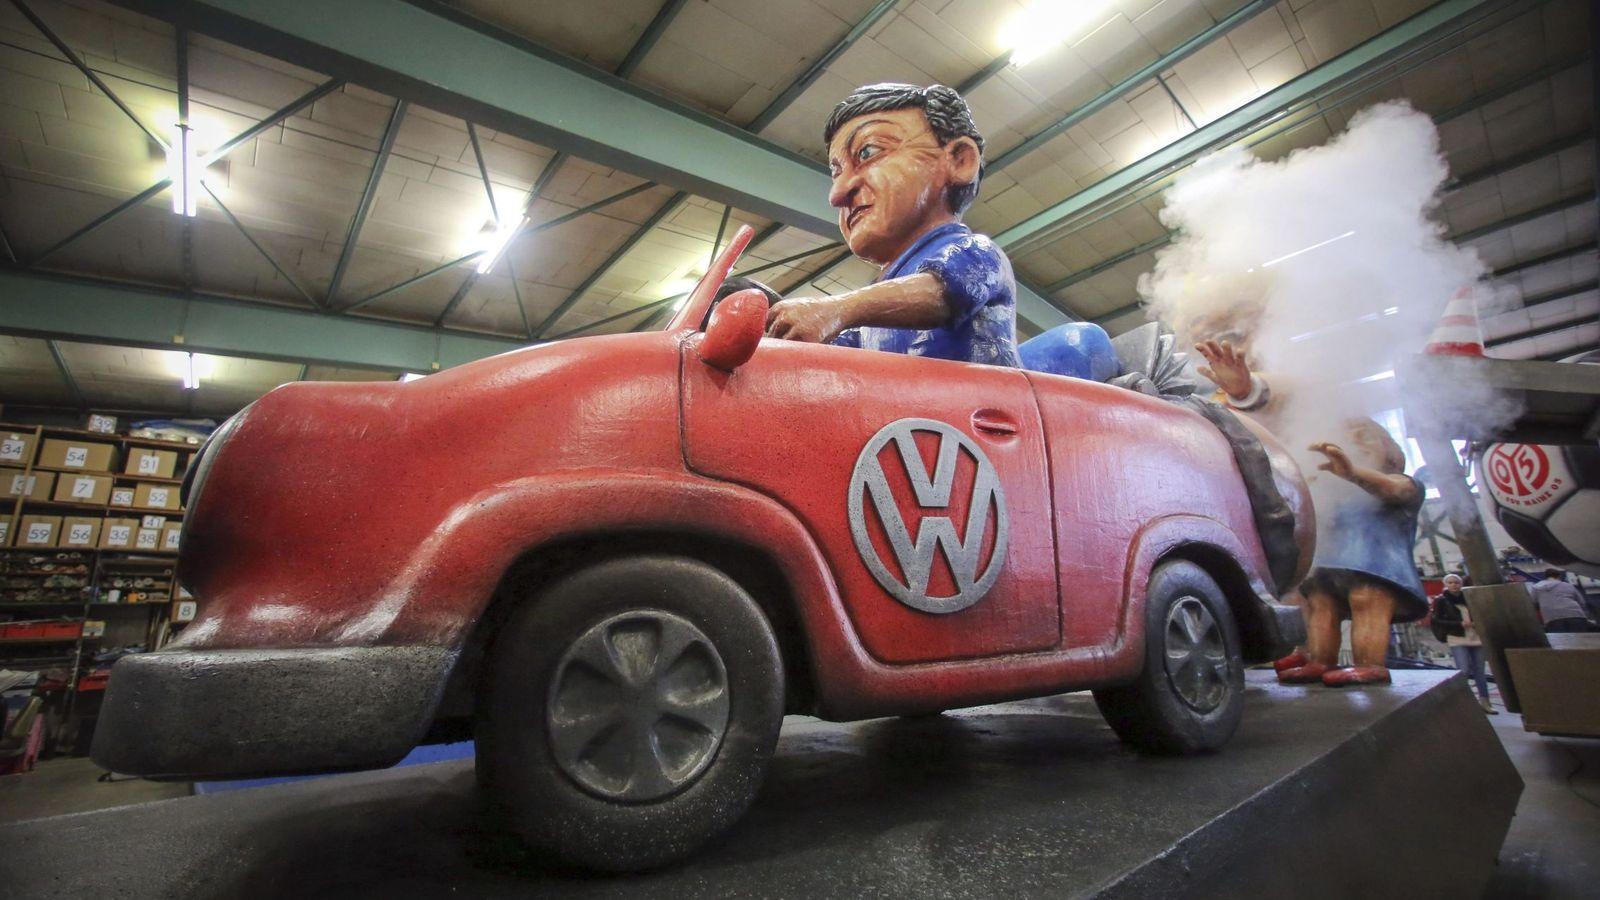 Foto: Detalle de una carroza que ilustra el escándalo de las emisiones de Volkswagen para el Carnaval de Mainz (Alemania). (EFE)